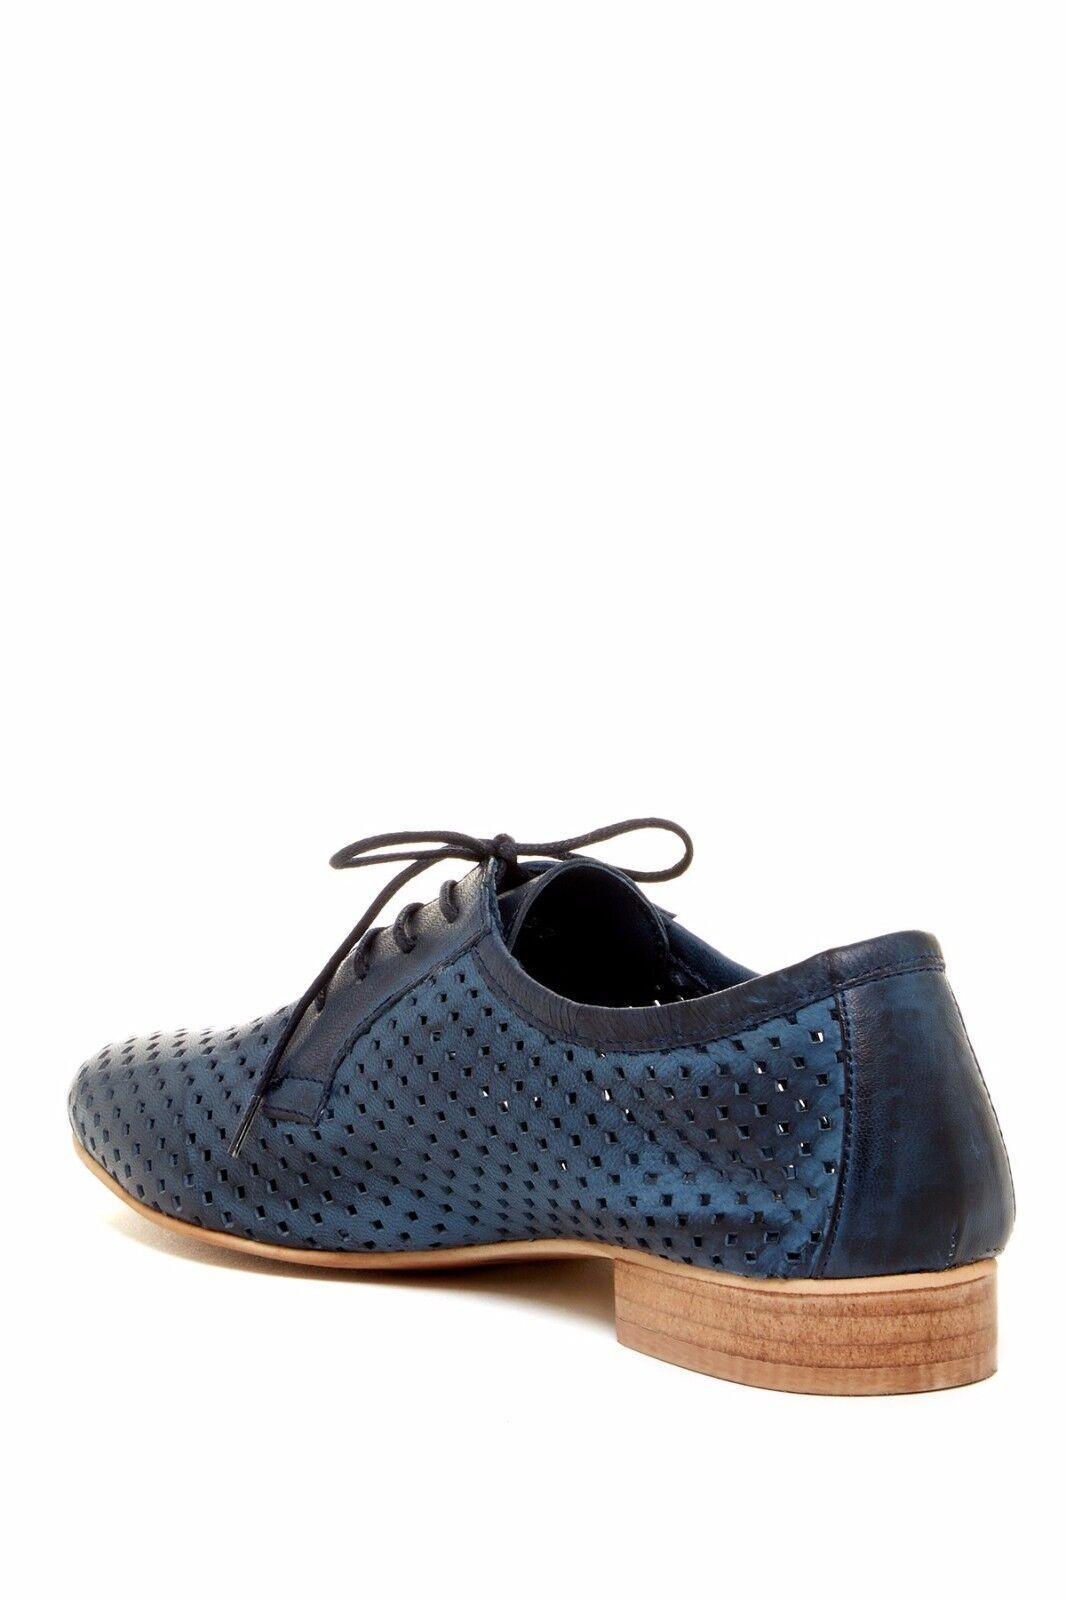 Scarpe casual da uomo  Mariano Renzi Canicatti Perforated Oxford Size 36 Blue Brand New Style #: 4405